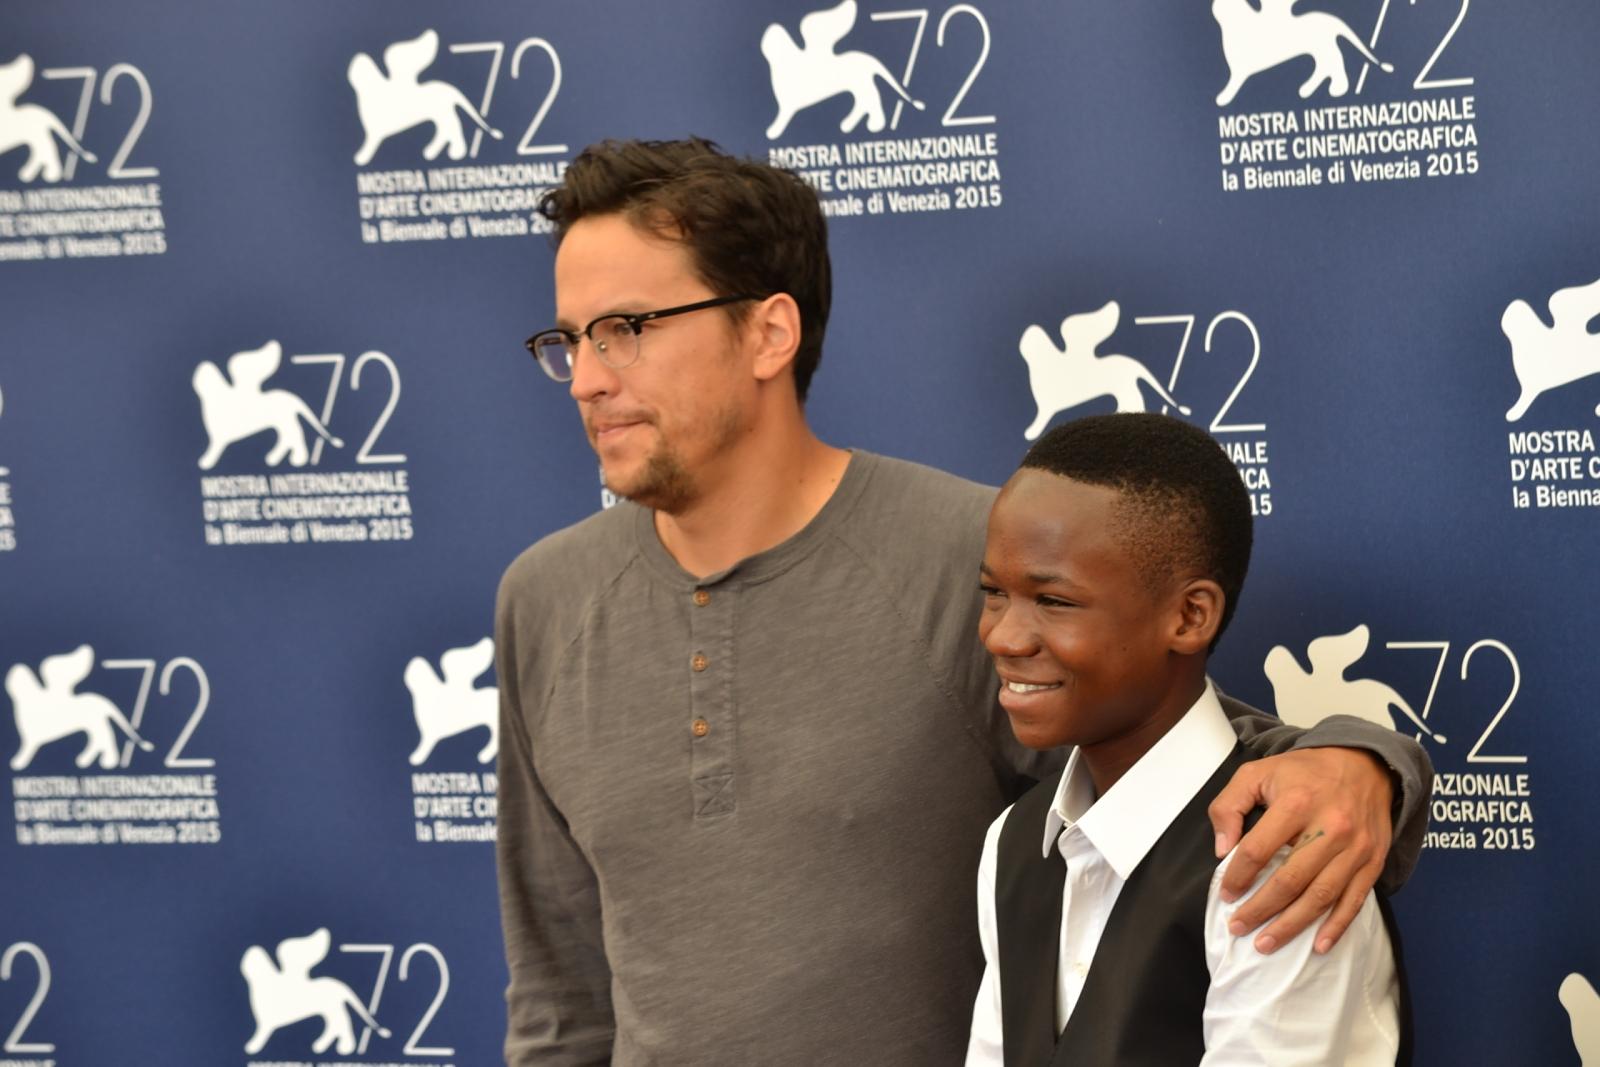 Beasts of No Nation: Cary Fukunaga con il giovane Abraham Attah al photocall di Venezia 2015